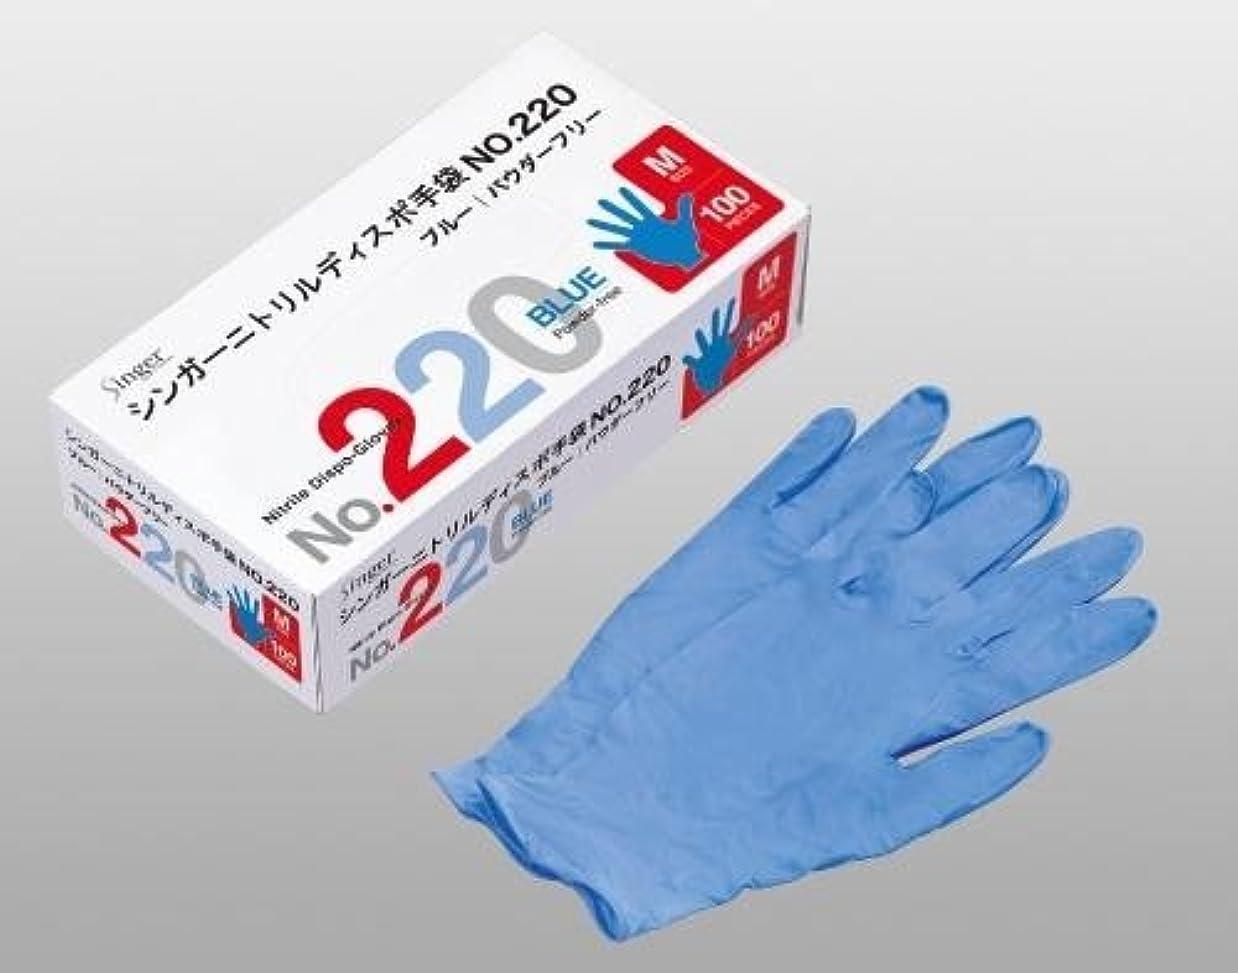 ティーンエイジャー忍耐魅惑するシンガーニトリルディスポ手袋 No.220 ブルー パウダーフリー(100枚) M